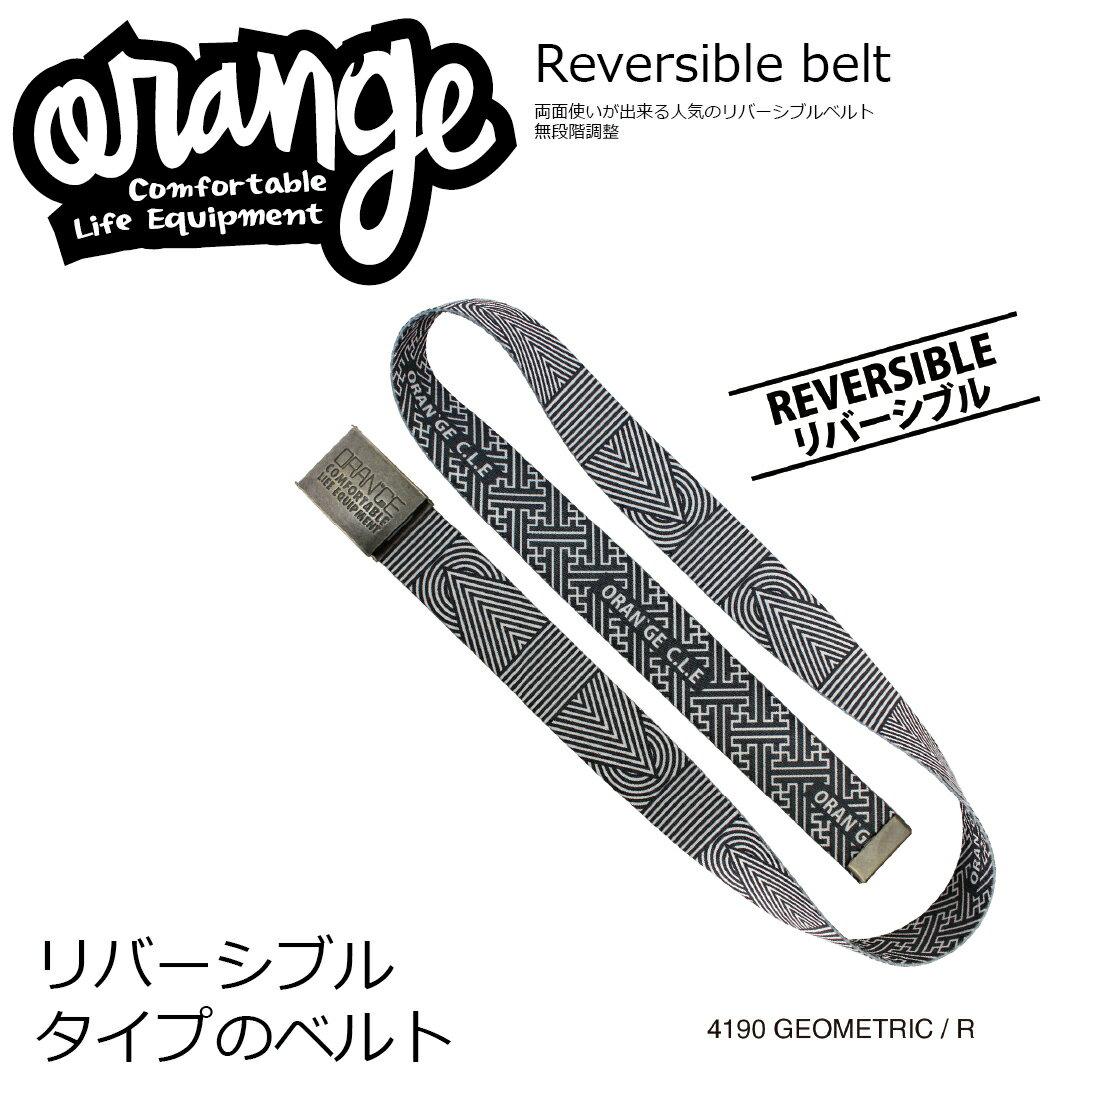 Oran'ge Reversible Belt 4190 GEOMETARIC リバーシブル ガチャベルトベルト ナイロンベルト 2017 2017-18